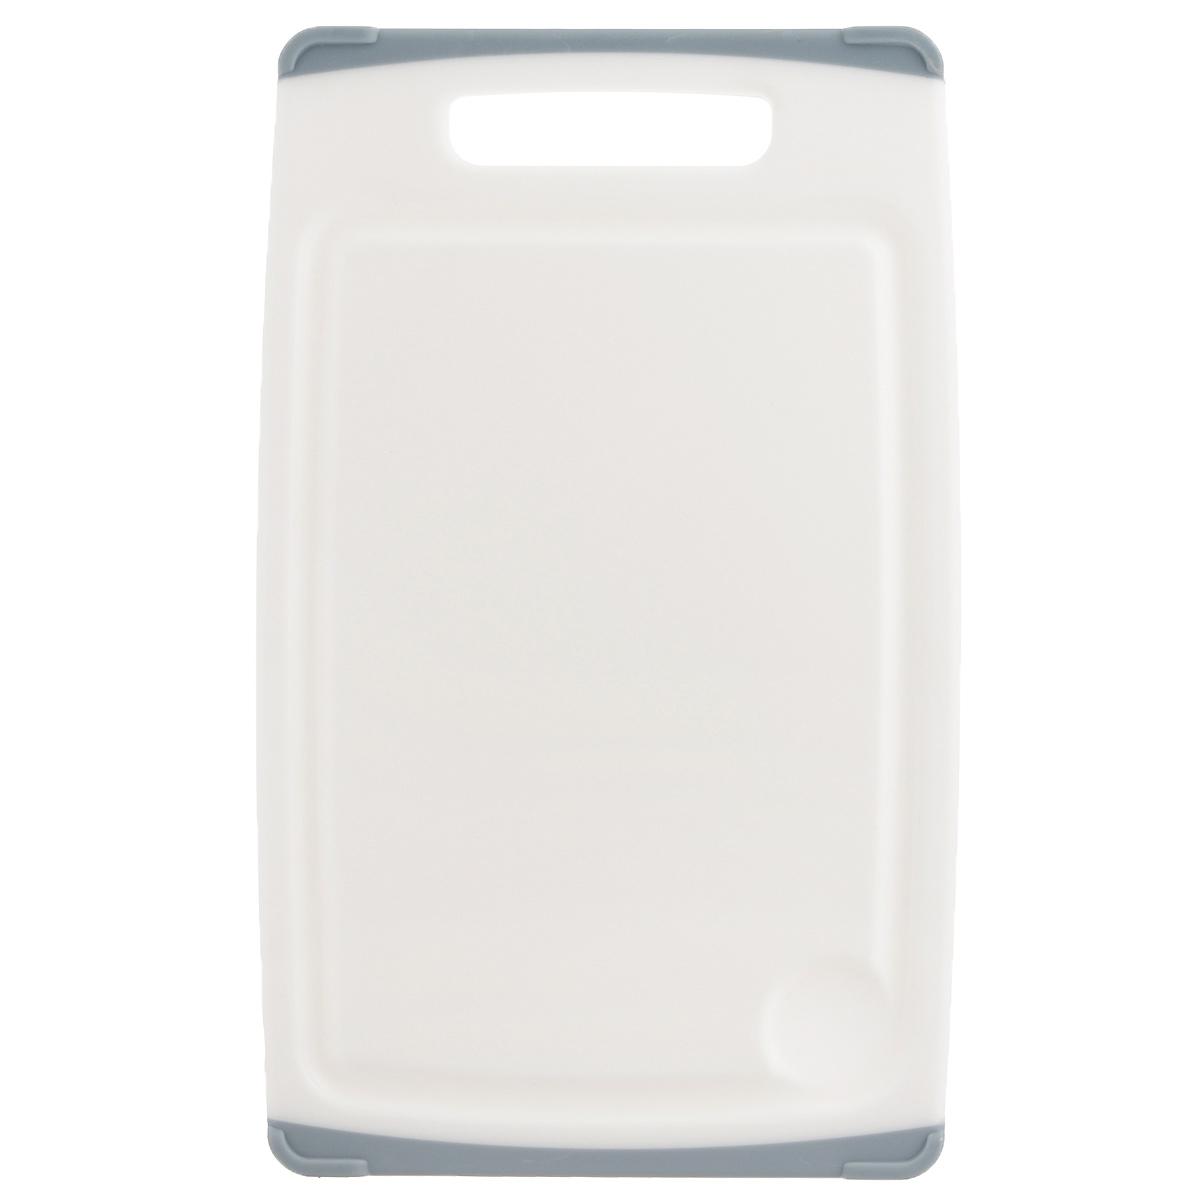 Доска разделочная Tescoma Cosmo, цвет: серый, 30 см х 20 смFS-91909Разделочная доска Tescoma Cosmo, изготовленная из высококачественного прочного пластика, станет незаменимым атрибутом приготовления пищи. Она идеально подходит для разделки мяса, рыбы, приготовления теста и нарезки любых продуктов. А особый дизайн краев с желобком способствует задерживанию жидкостей и остатков продуктов. Изделие оснащено прорезиненными цветными вставками с двух сторон для предотвращения скольжения по столу. Доска предназначена дляежедневного интенсивного использования. Не затупляет лезвия.Современный стильный дизайн и функциональность разделочной доски Tescoma Cosmo, позволит занять ей достойное место на вашей кухне.Можно мыть в посудомоечной машине.